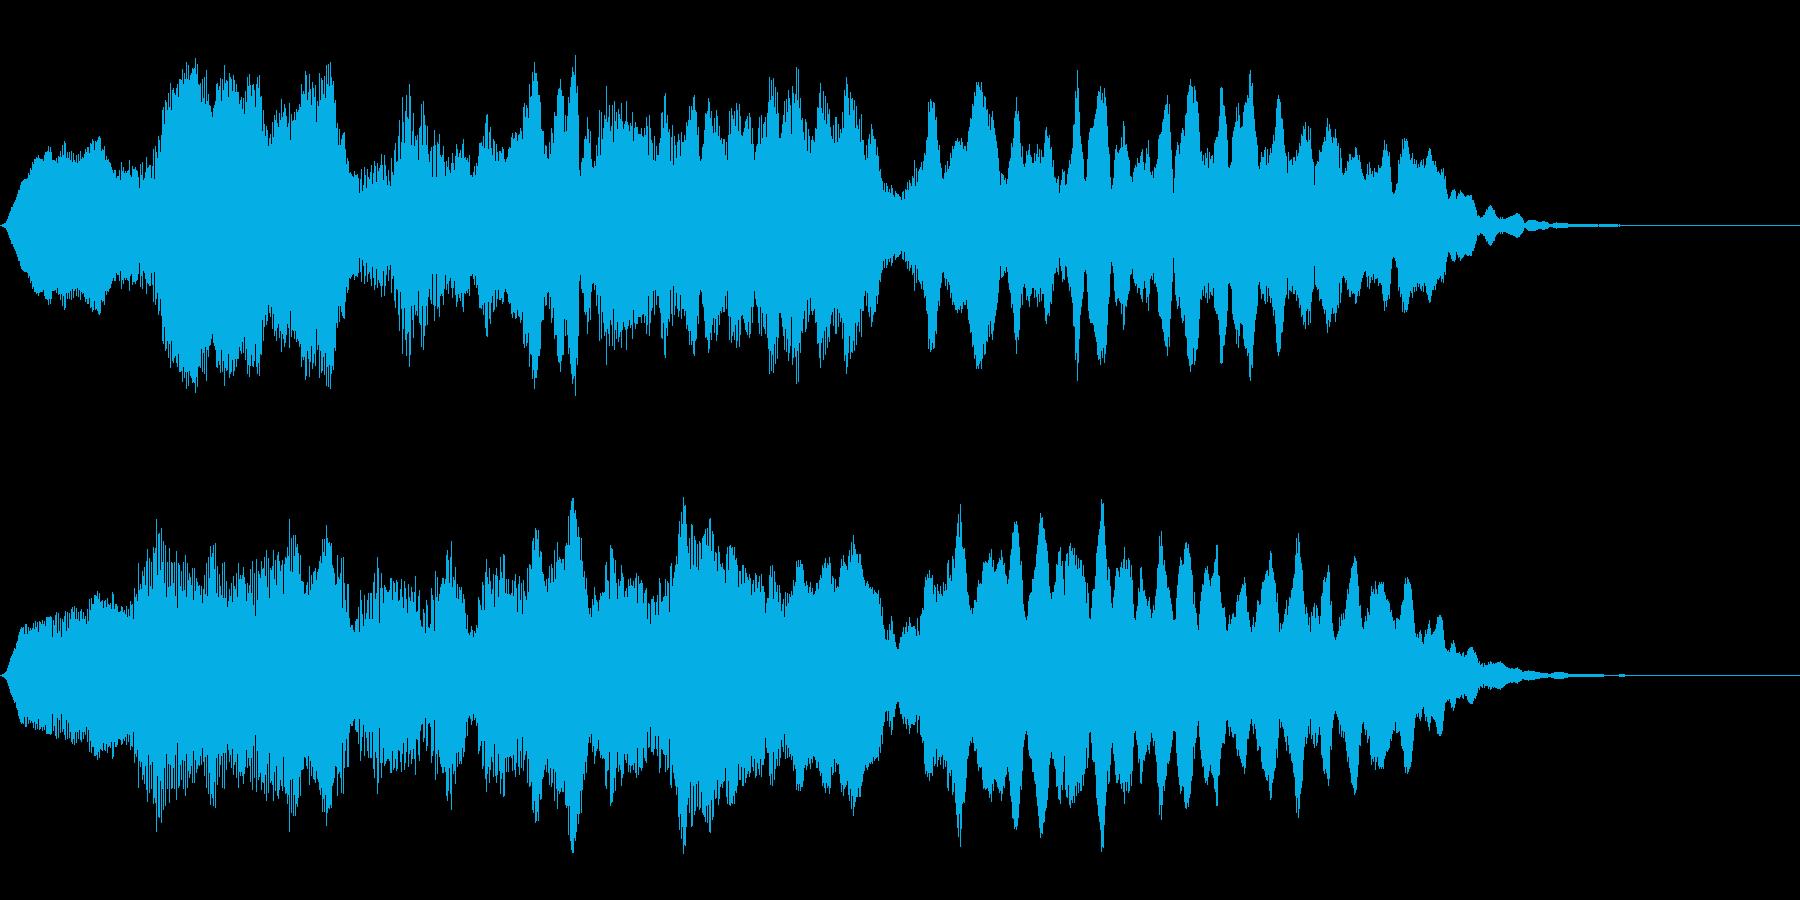 フルートの明るいジングル・場面転換4の再生済みの波形